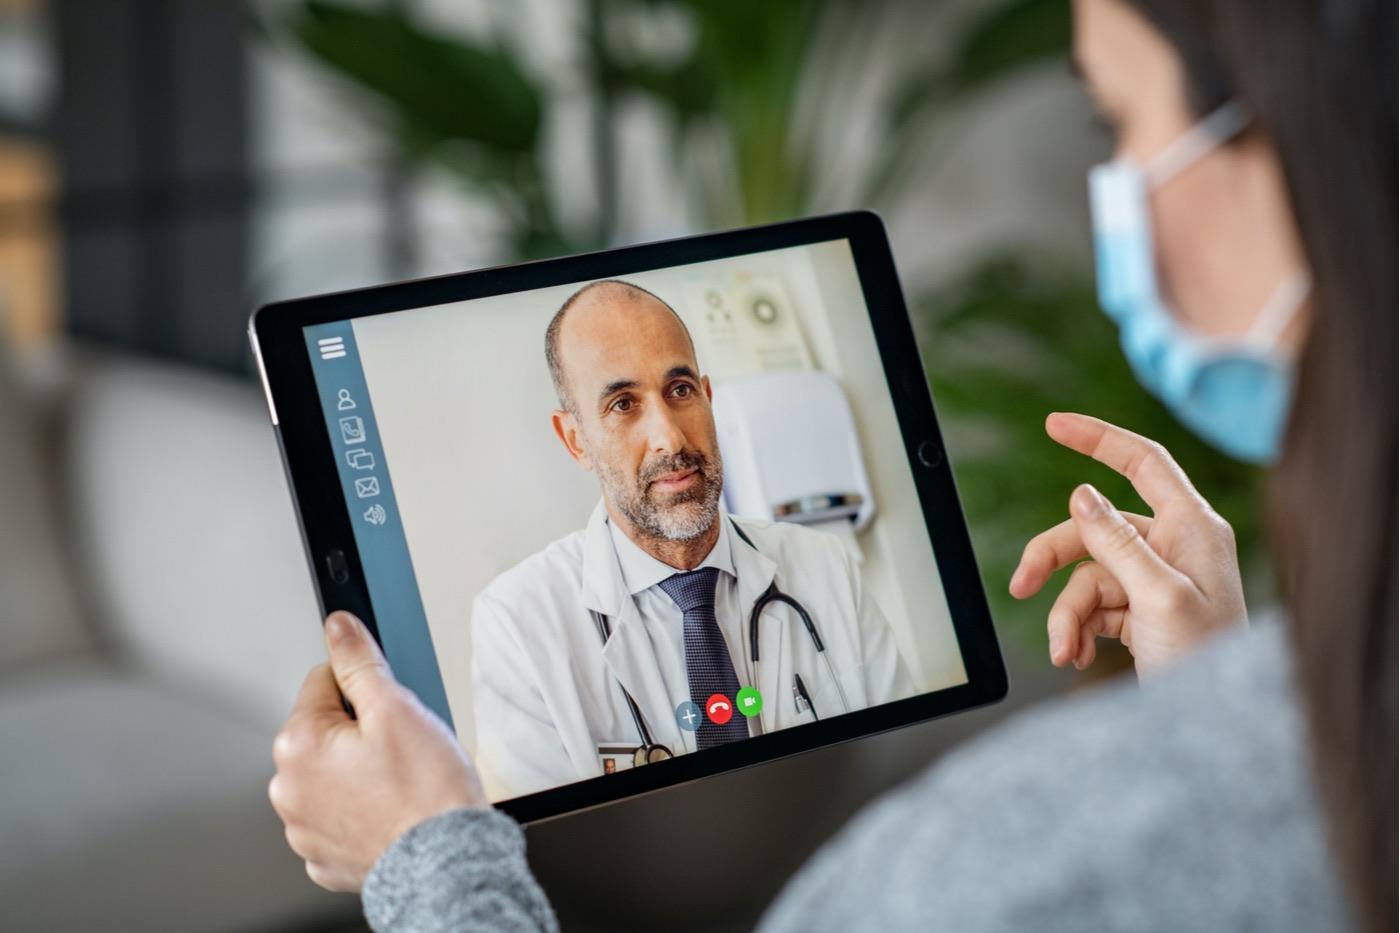 GLOBALFINANZ alcanza las 10.000 consultas médicas gratuitas a través de su app.